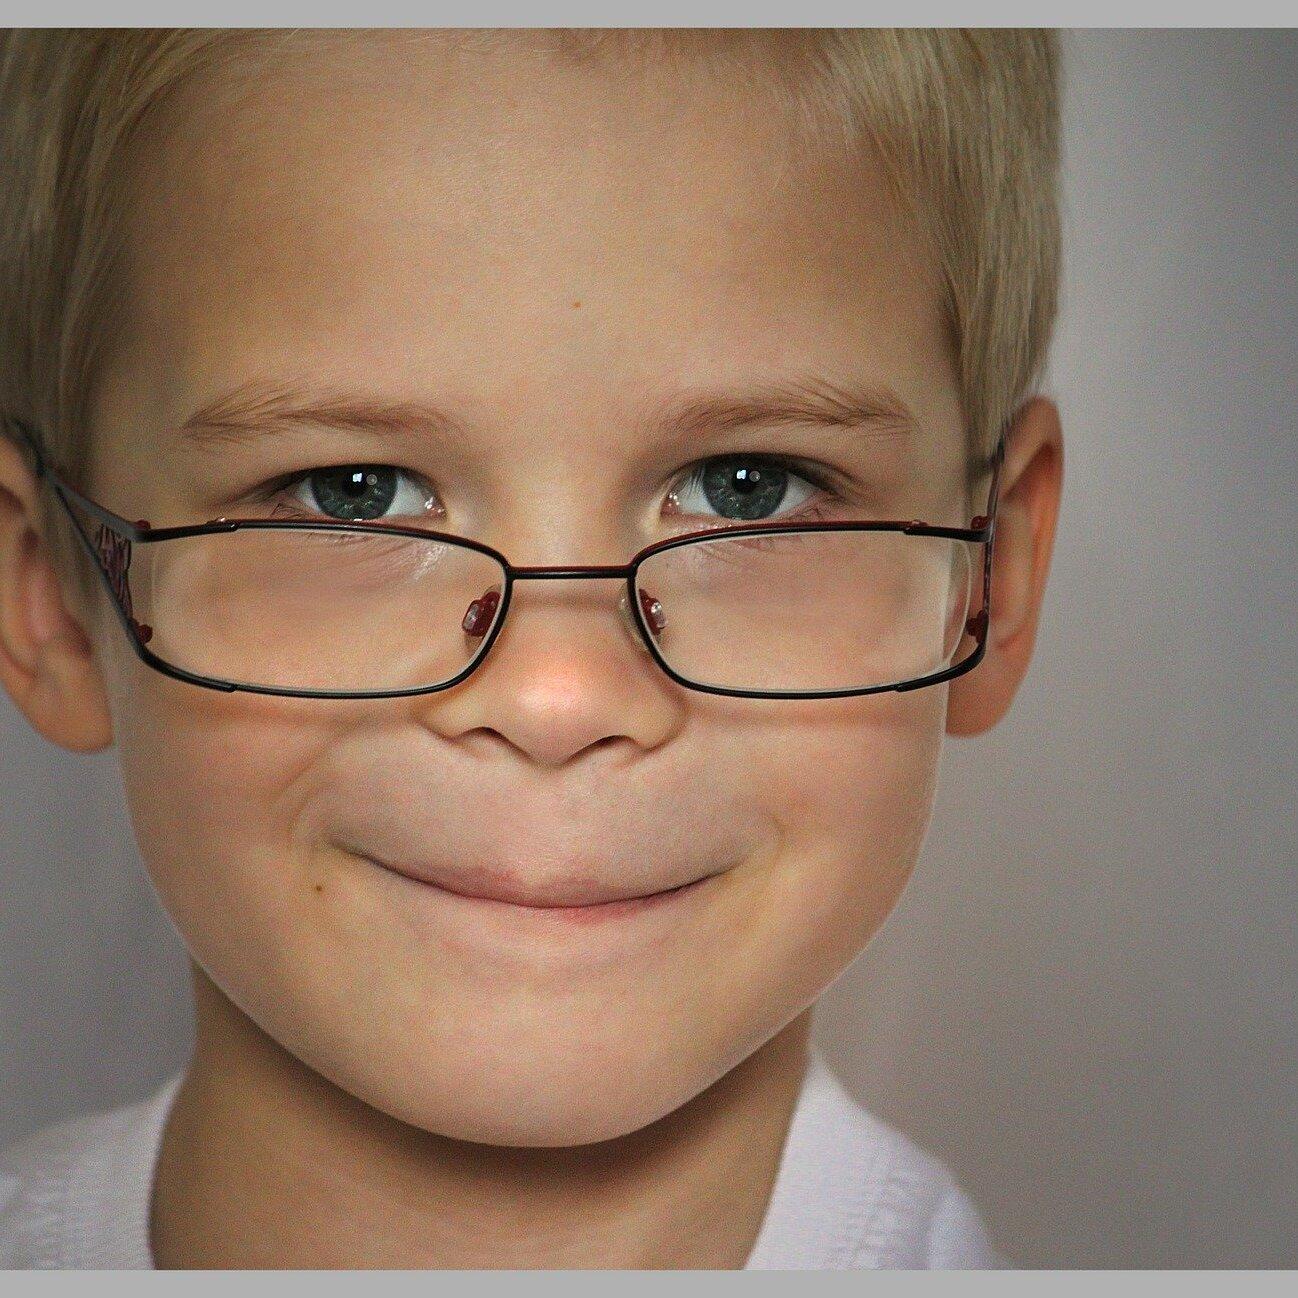 Vortrag – Sehstärke verliert bei Kindern an Qualität, was tun?